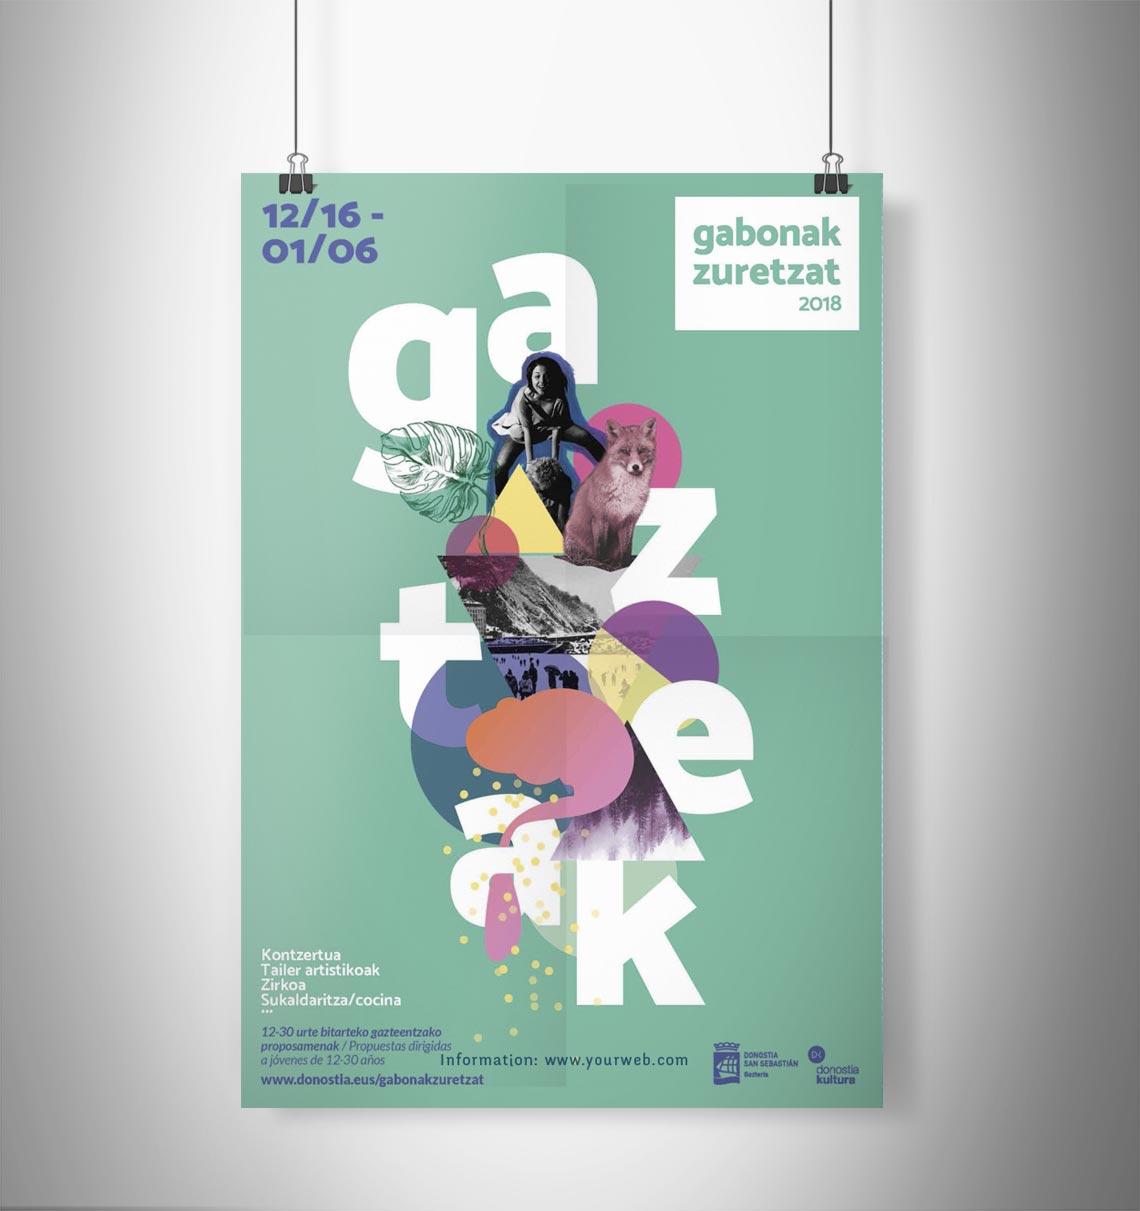 Diseño de Cartel Gabonak Zuretzat Gazteak 2018 Anna Schimpf